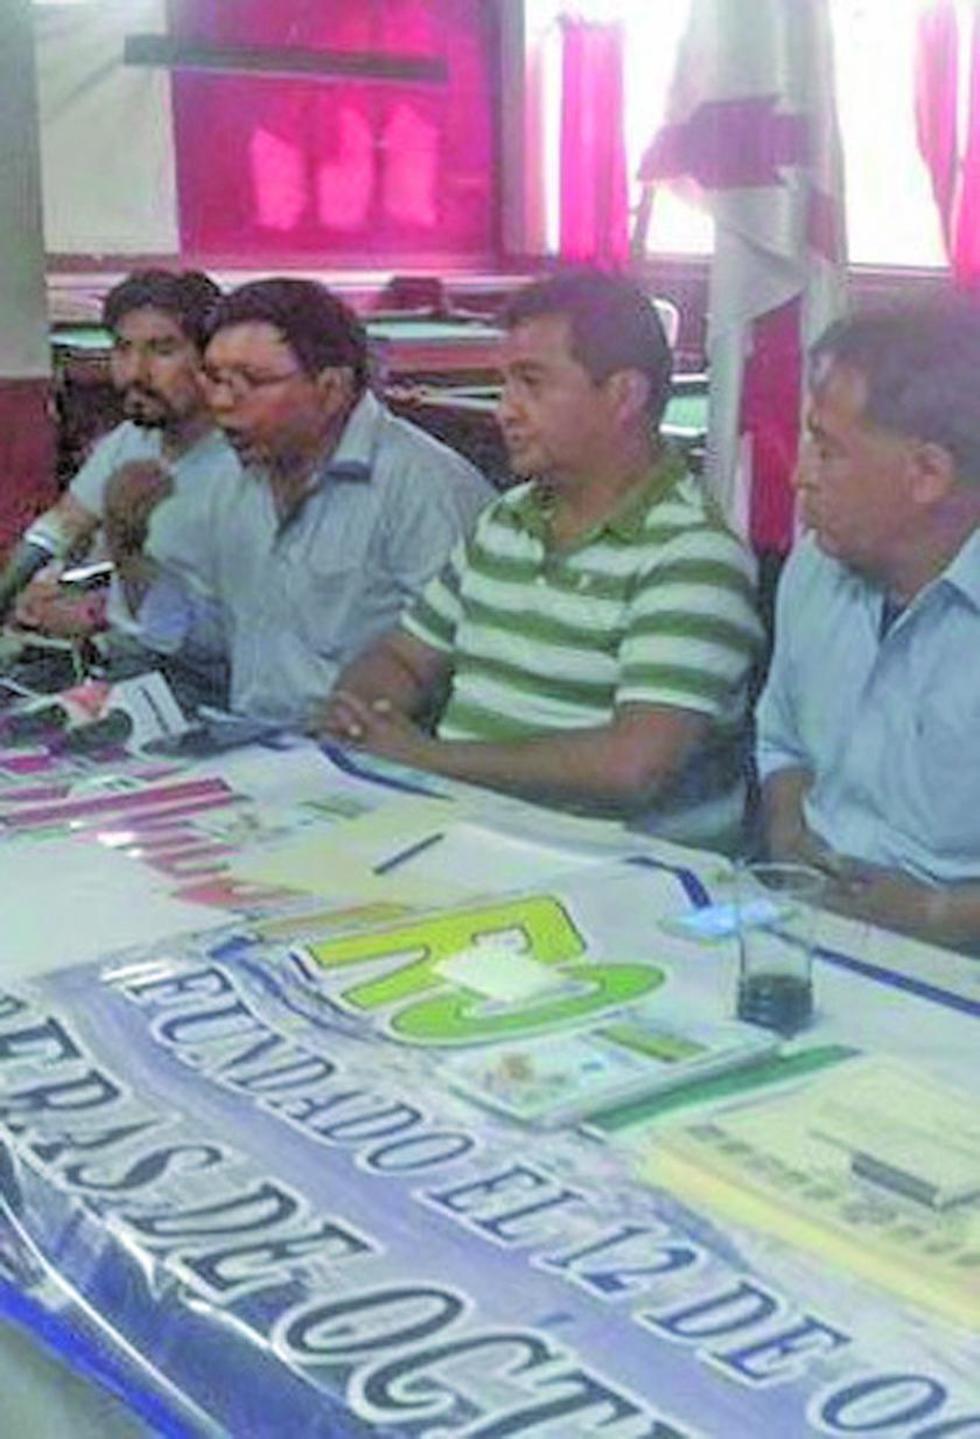 Los cívicos de siete ciudades llaman a marchar por el agua